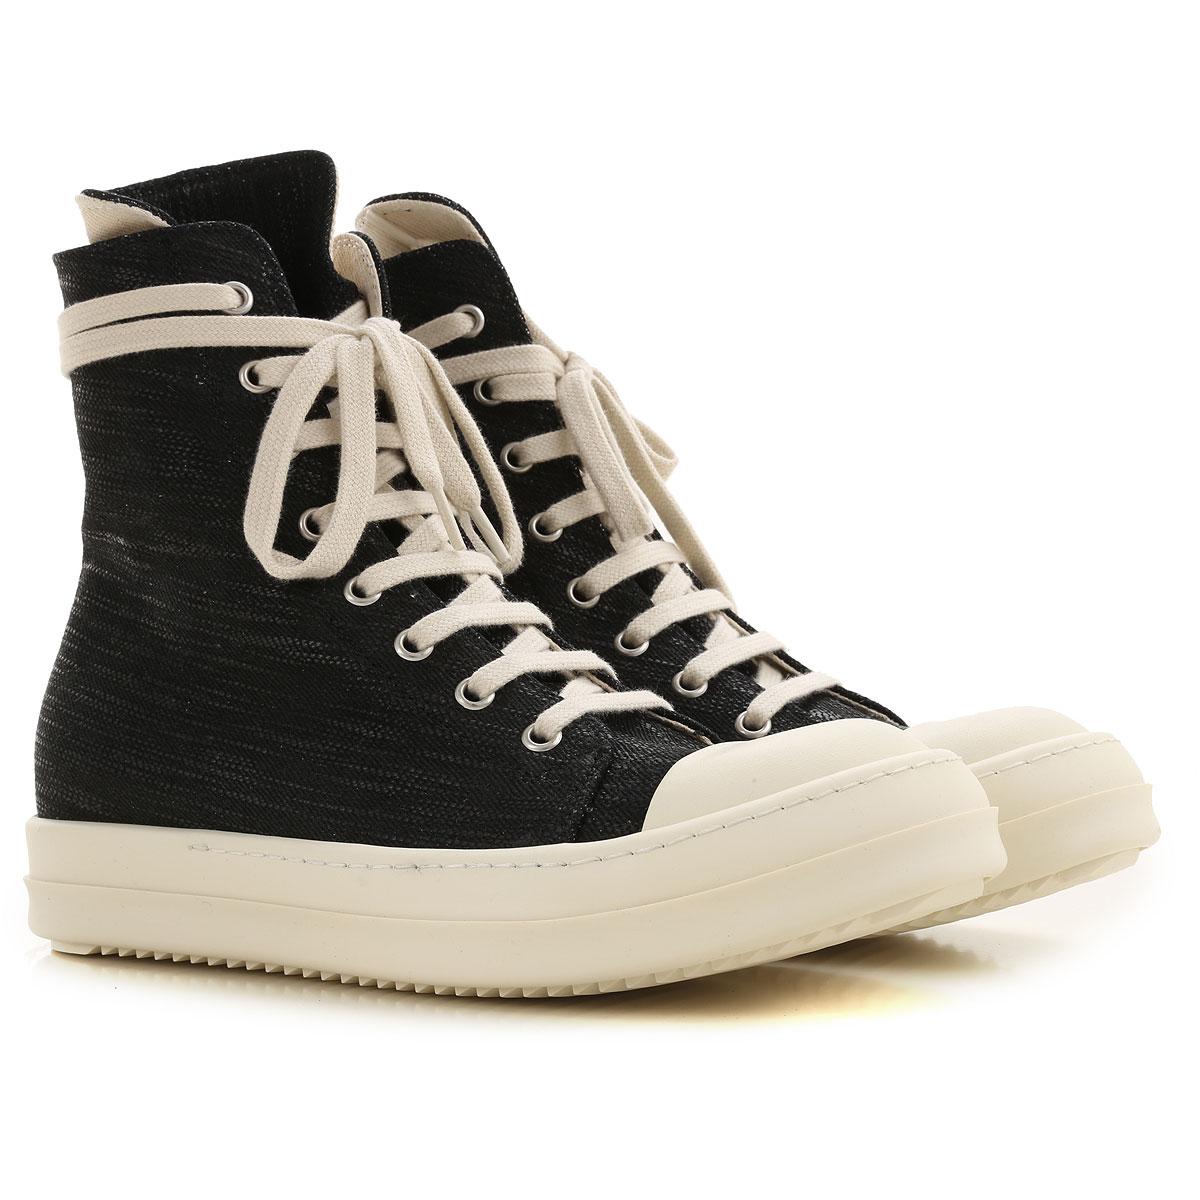 Drkshdw Sneaker Femme, Noir, Polyamide, 2019, 36 37 38 39